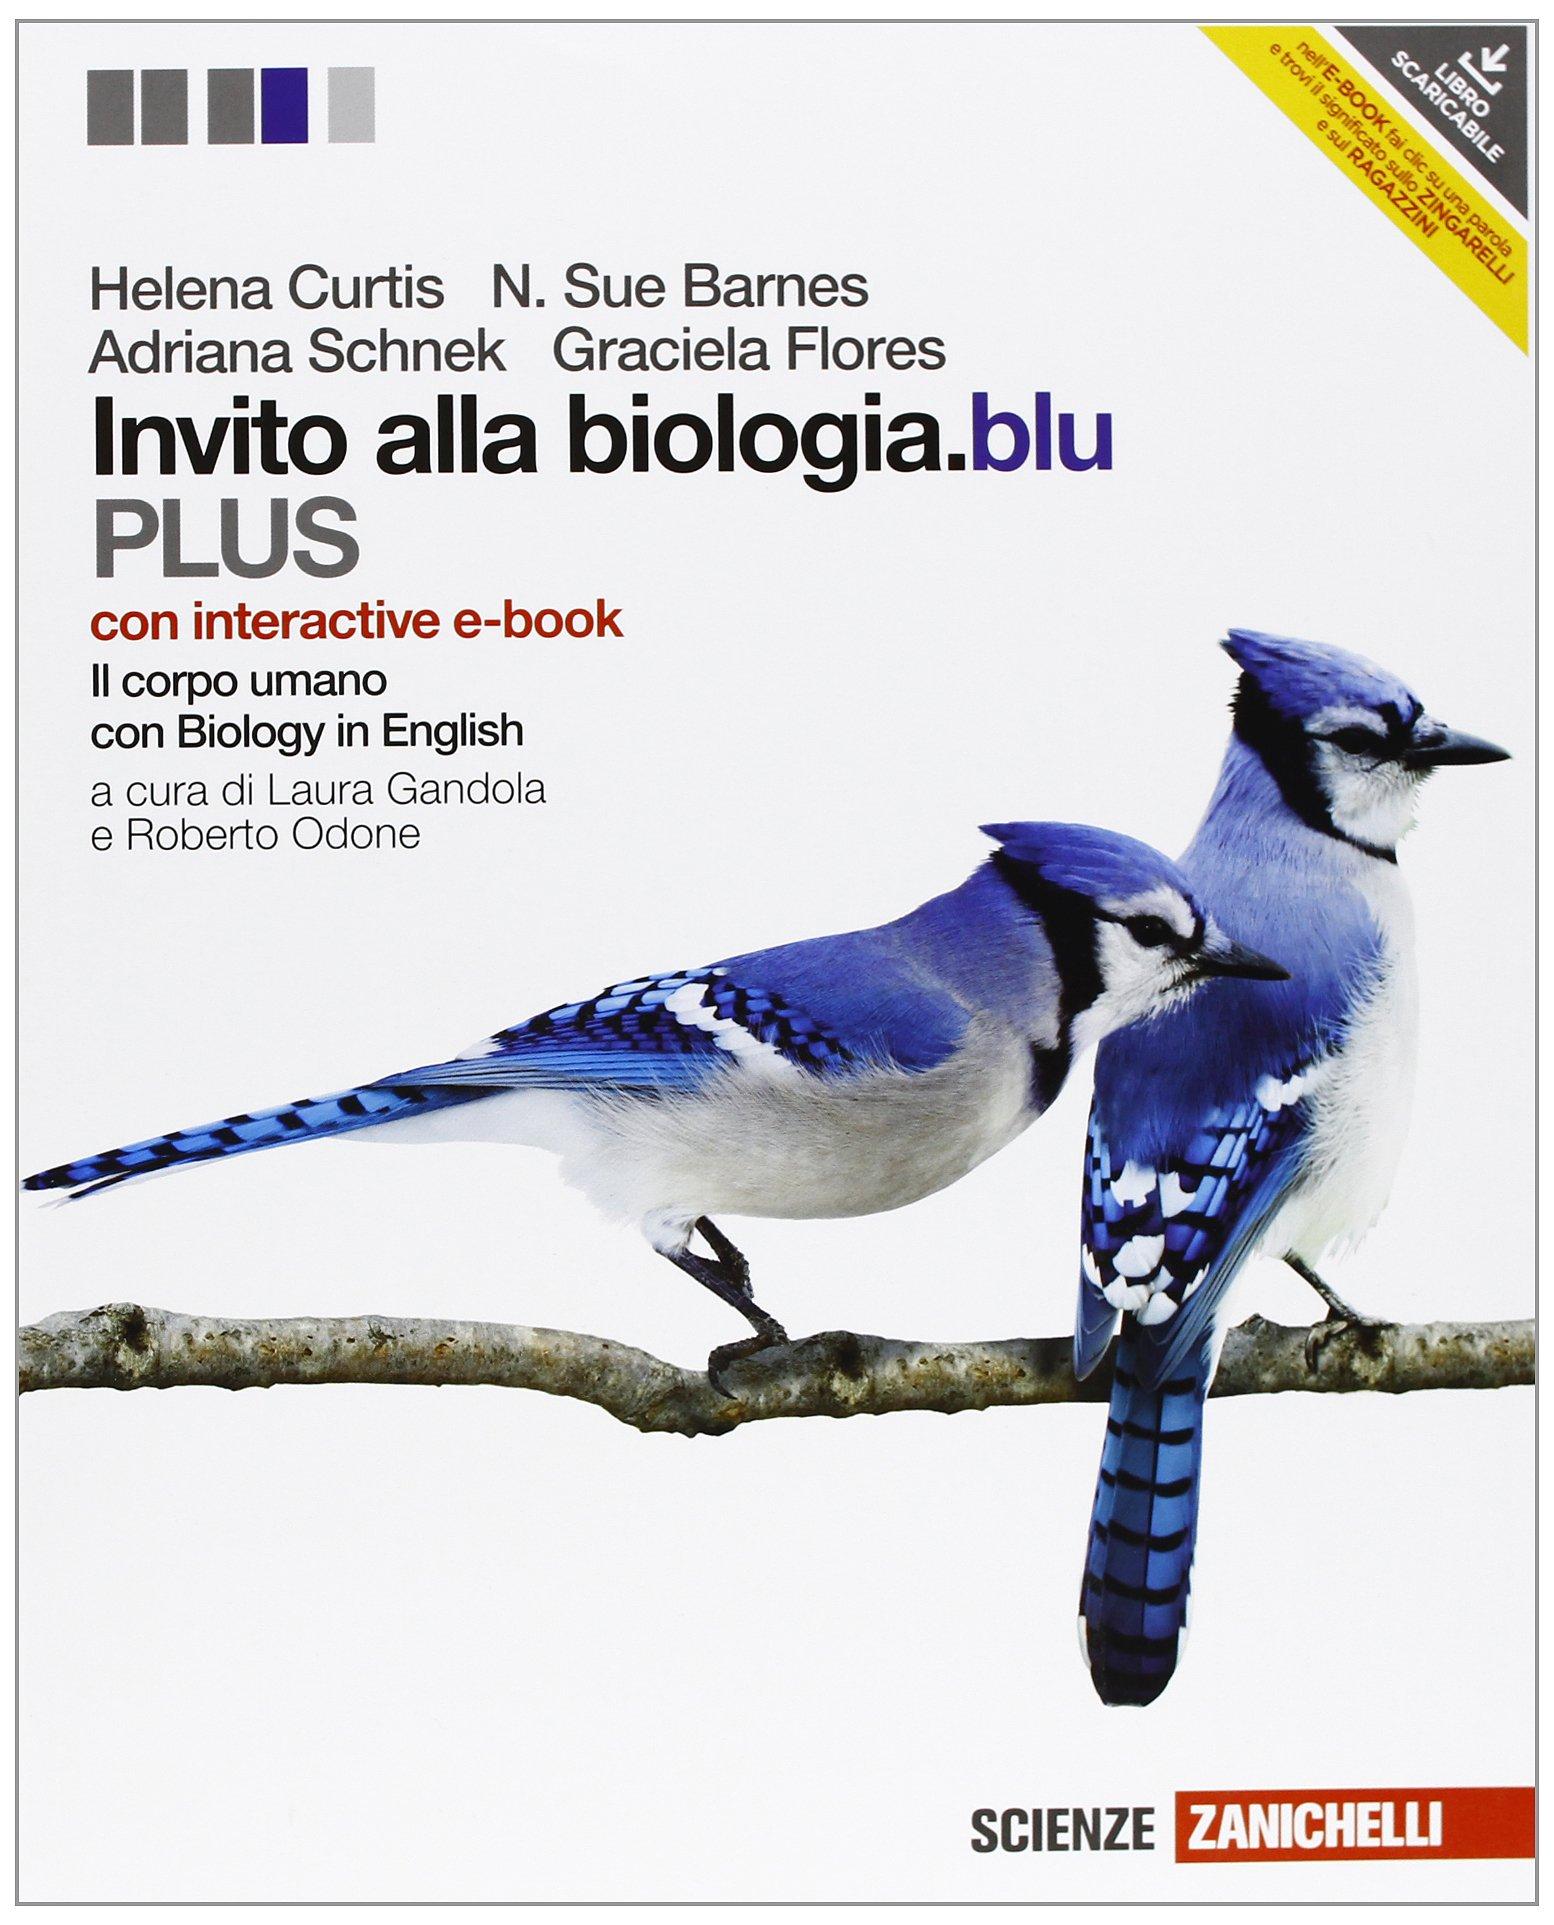 INVITO ALLA BIOLOGIA.BLU PLUS